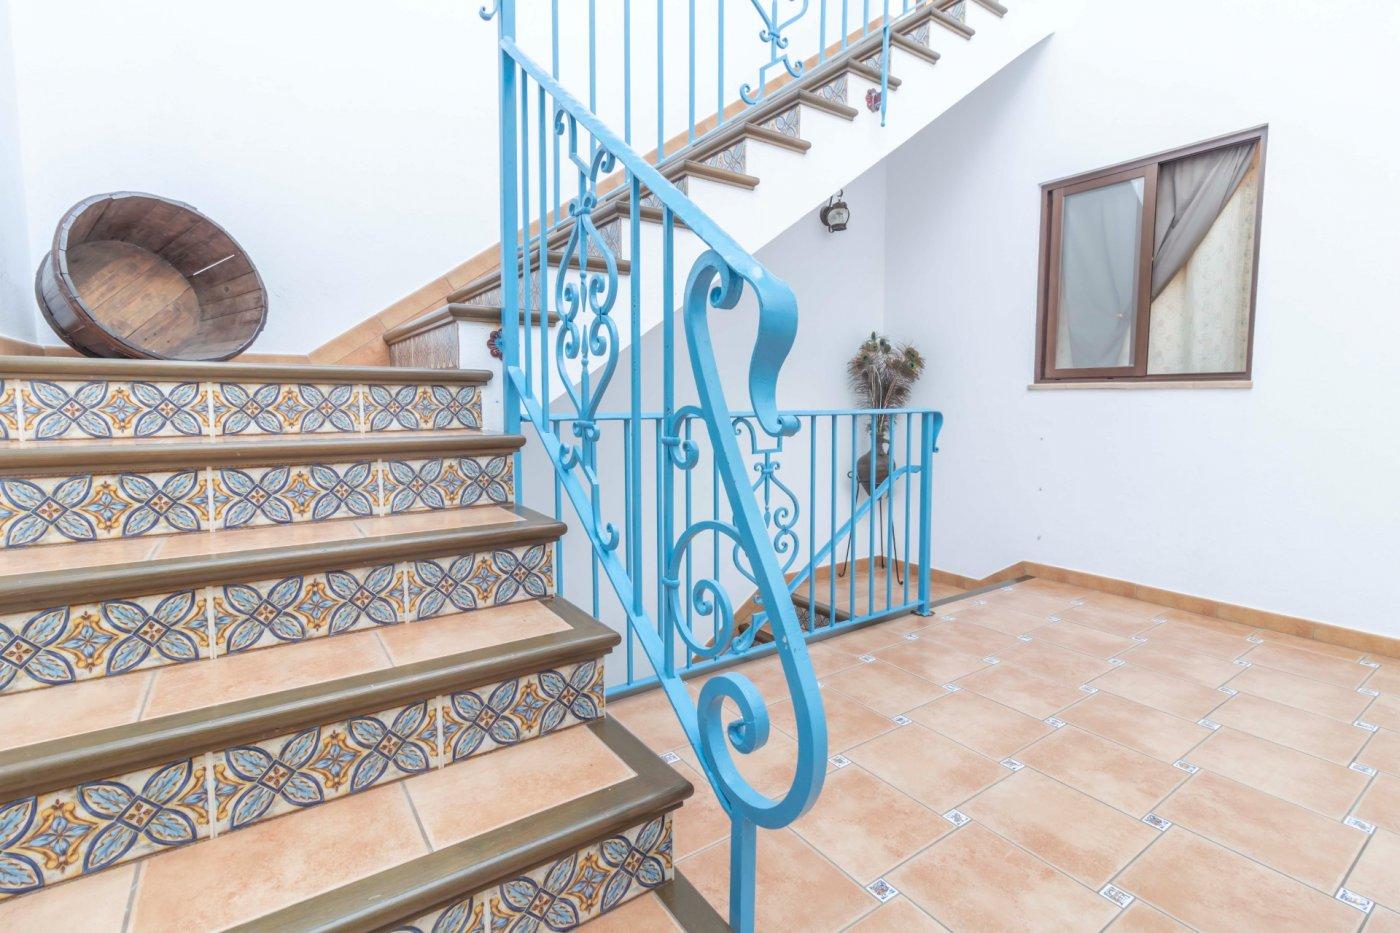 Casa de reciente construccion a la venta en carmona - imagenInmueble0